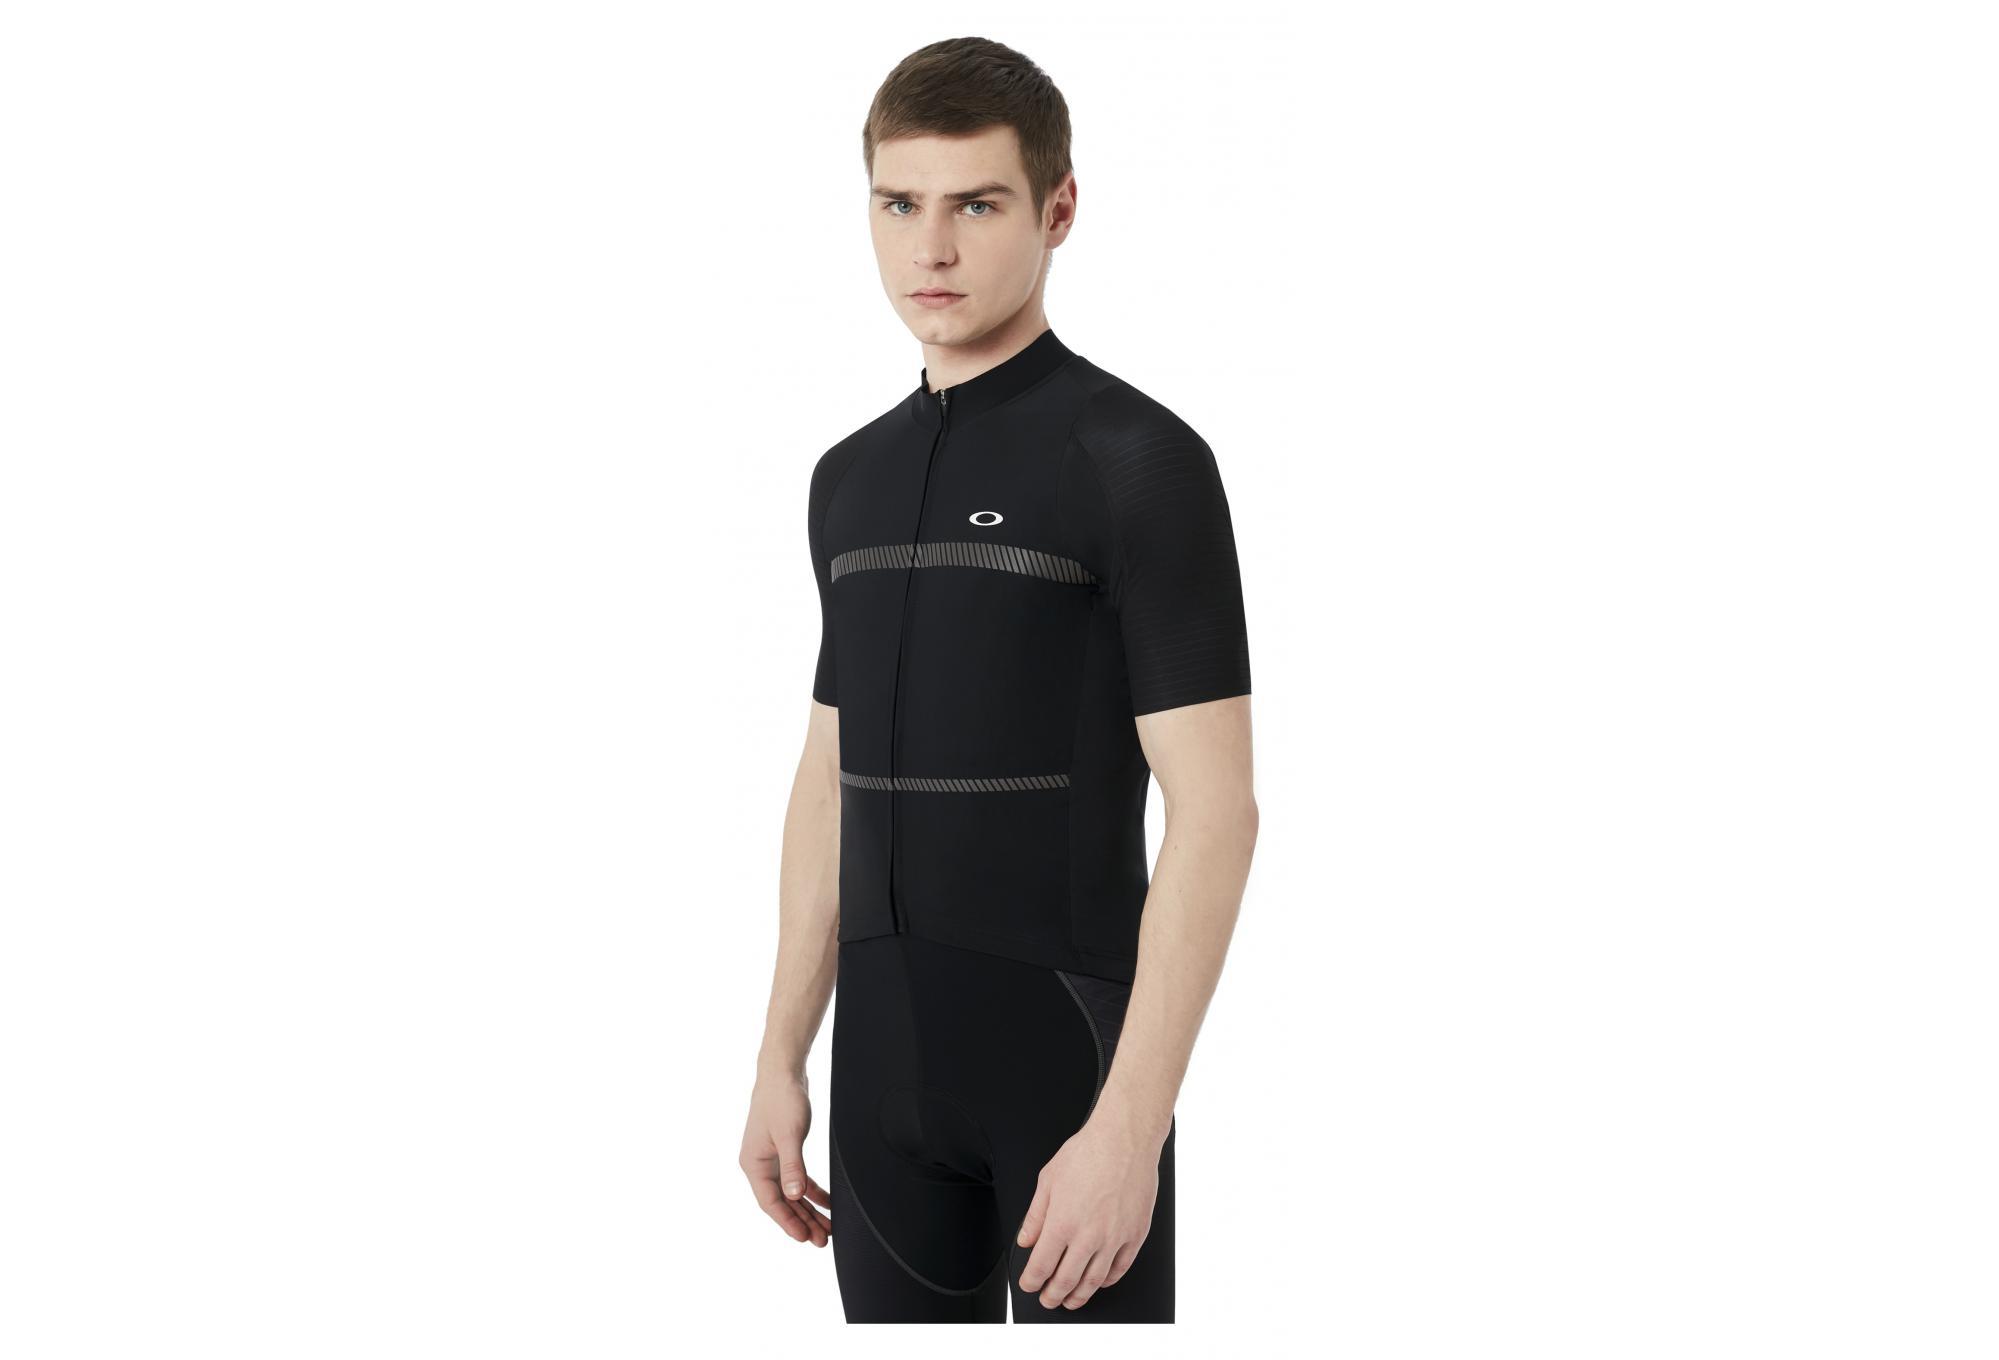 OAKLEY Jawbreaker Premium Short Sleeves Jersey Blackout  dc66c041a